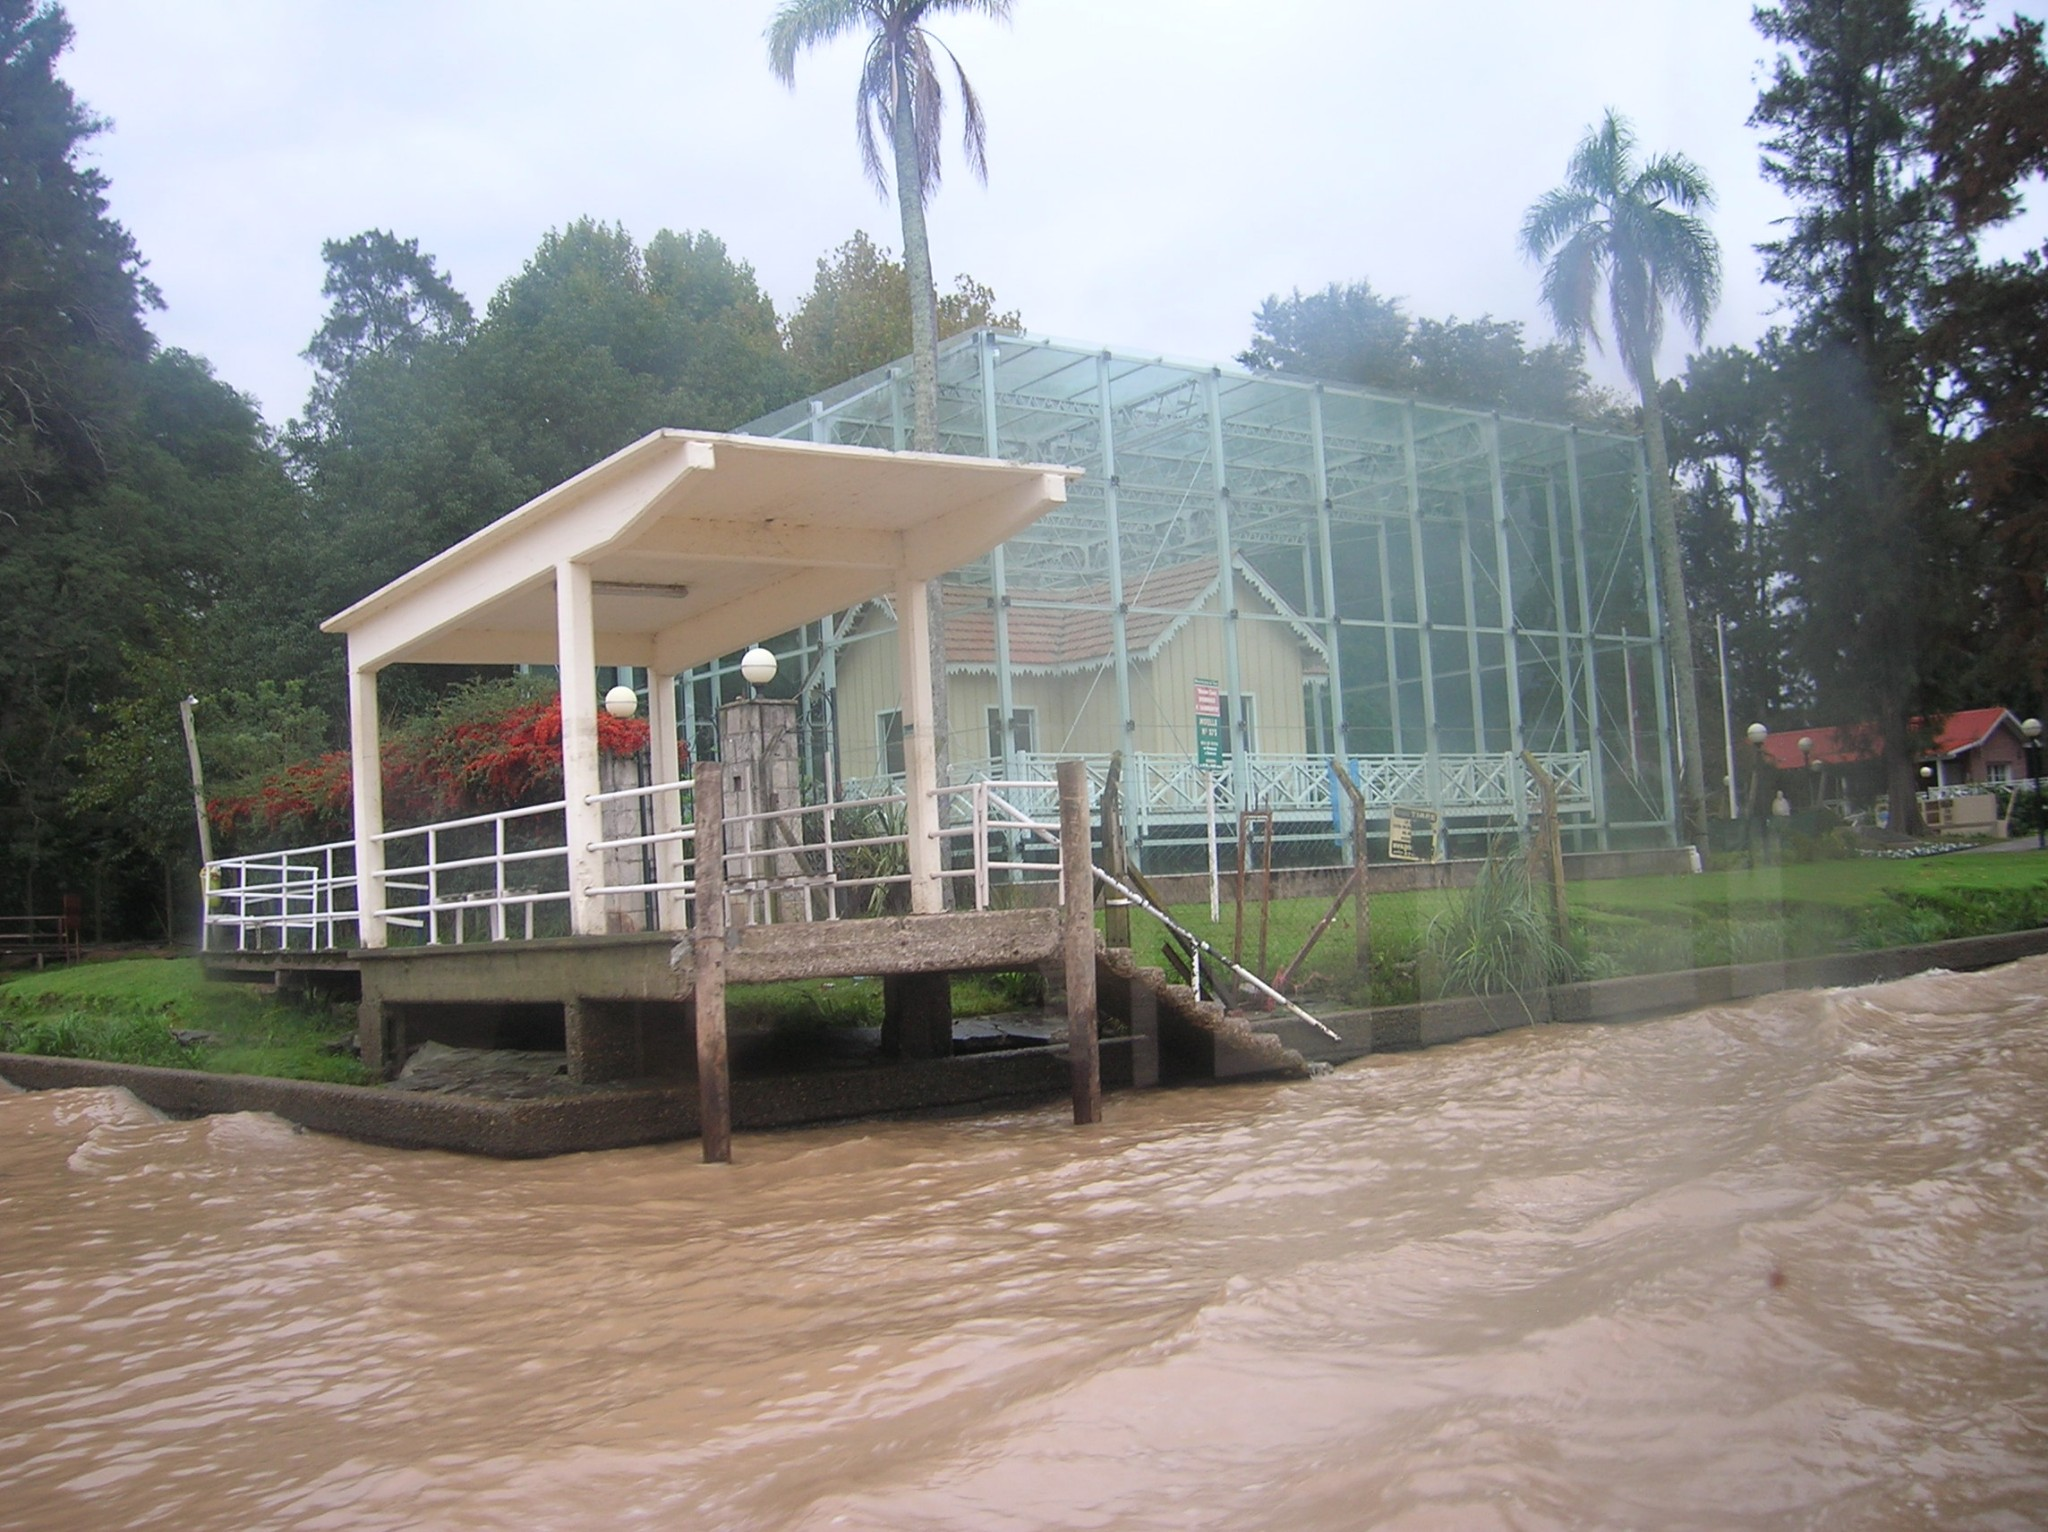 Casa Museo Sarmiento, Tigre, Argentina, vuelta al mundo, round the world, La vuelta al mundo de Asun y Ricardo